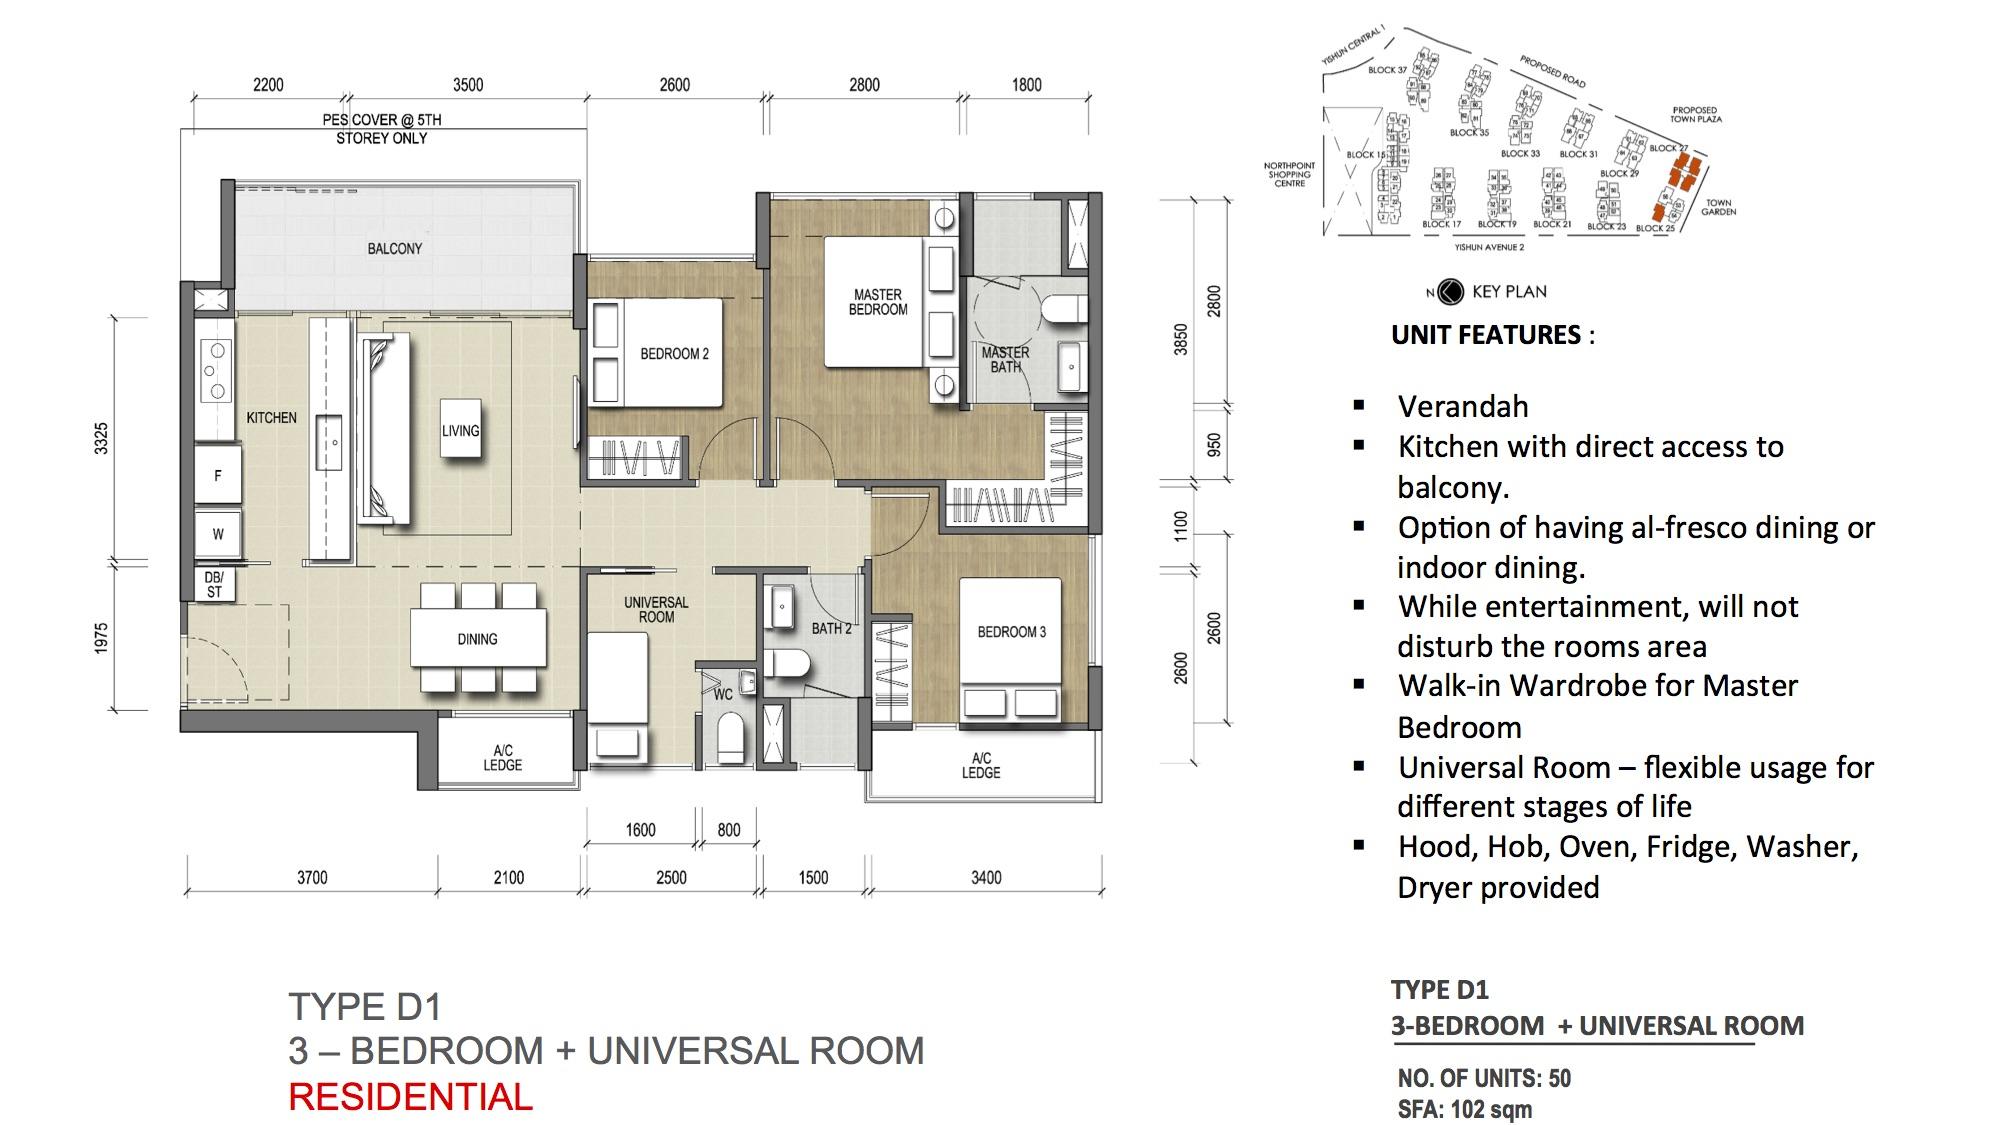 Type D1 - 3-Bedroom + Universal Room